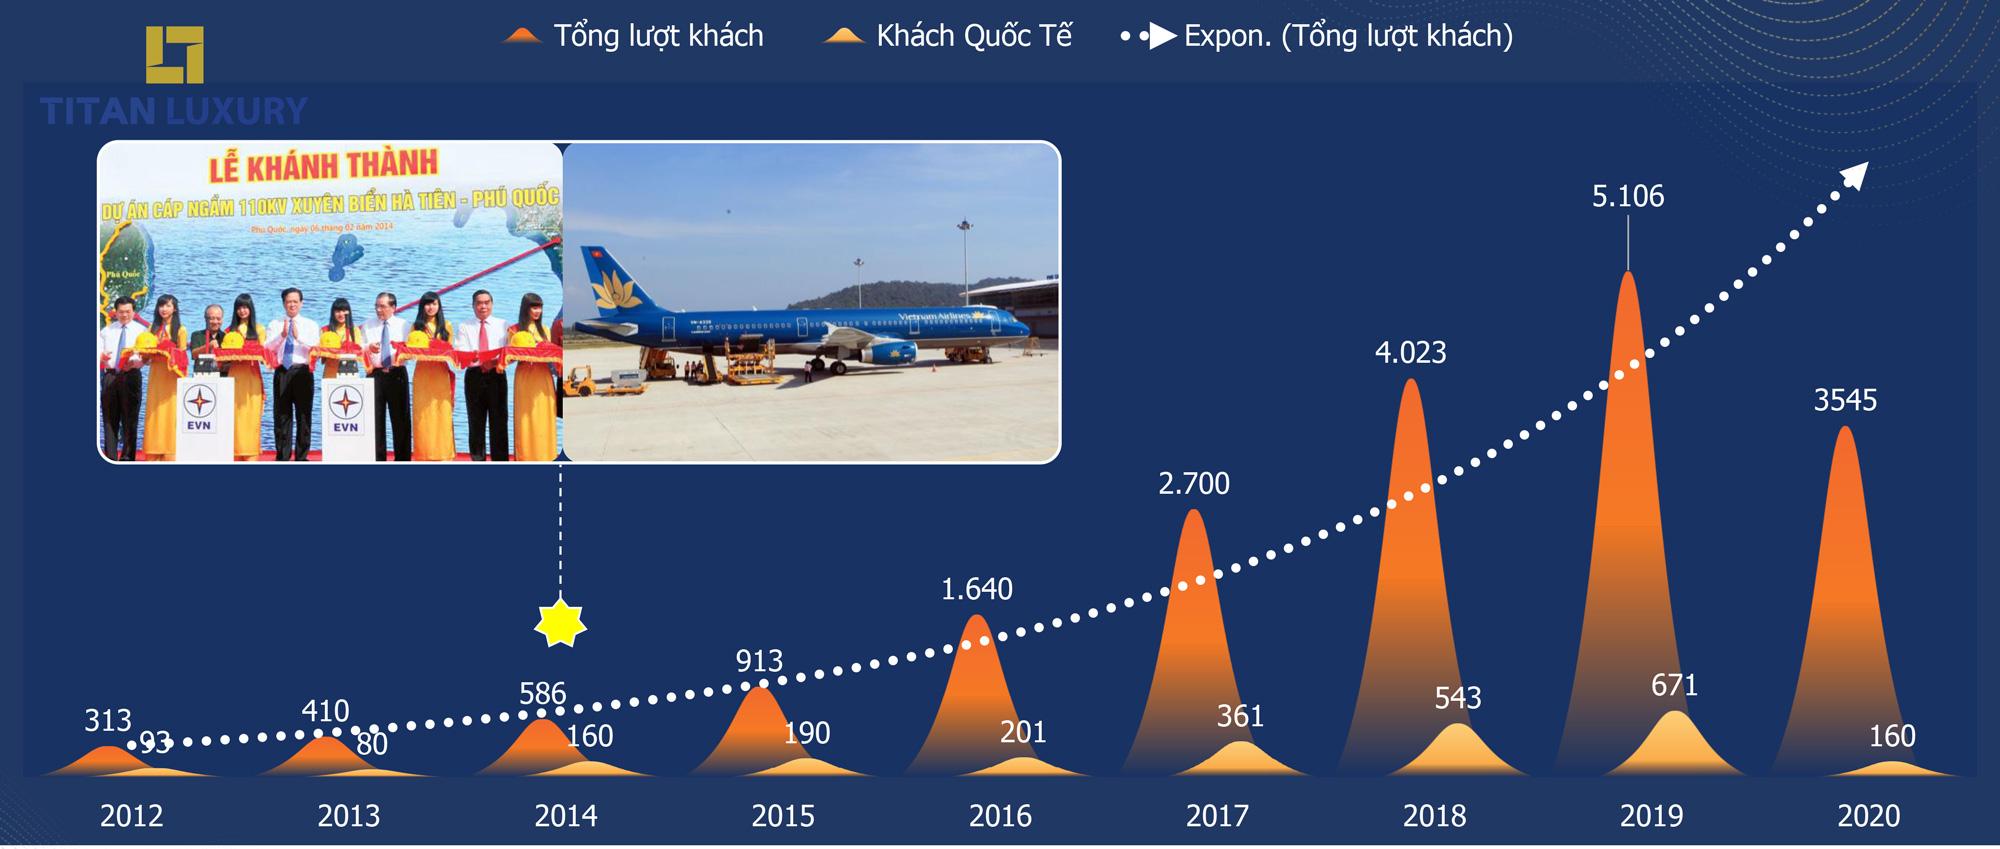 Những con số ấn tượng của khách du lịch Phú Quốc trong 5 năm qua